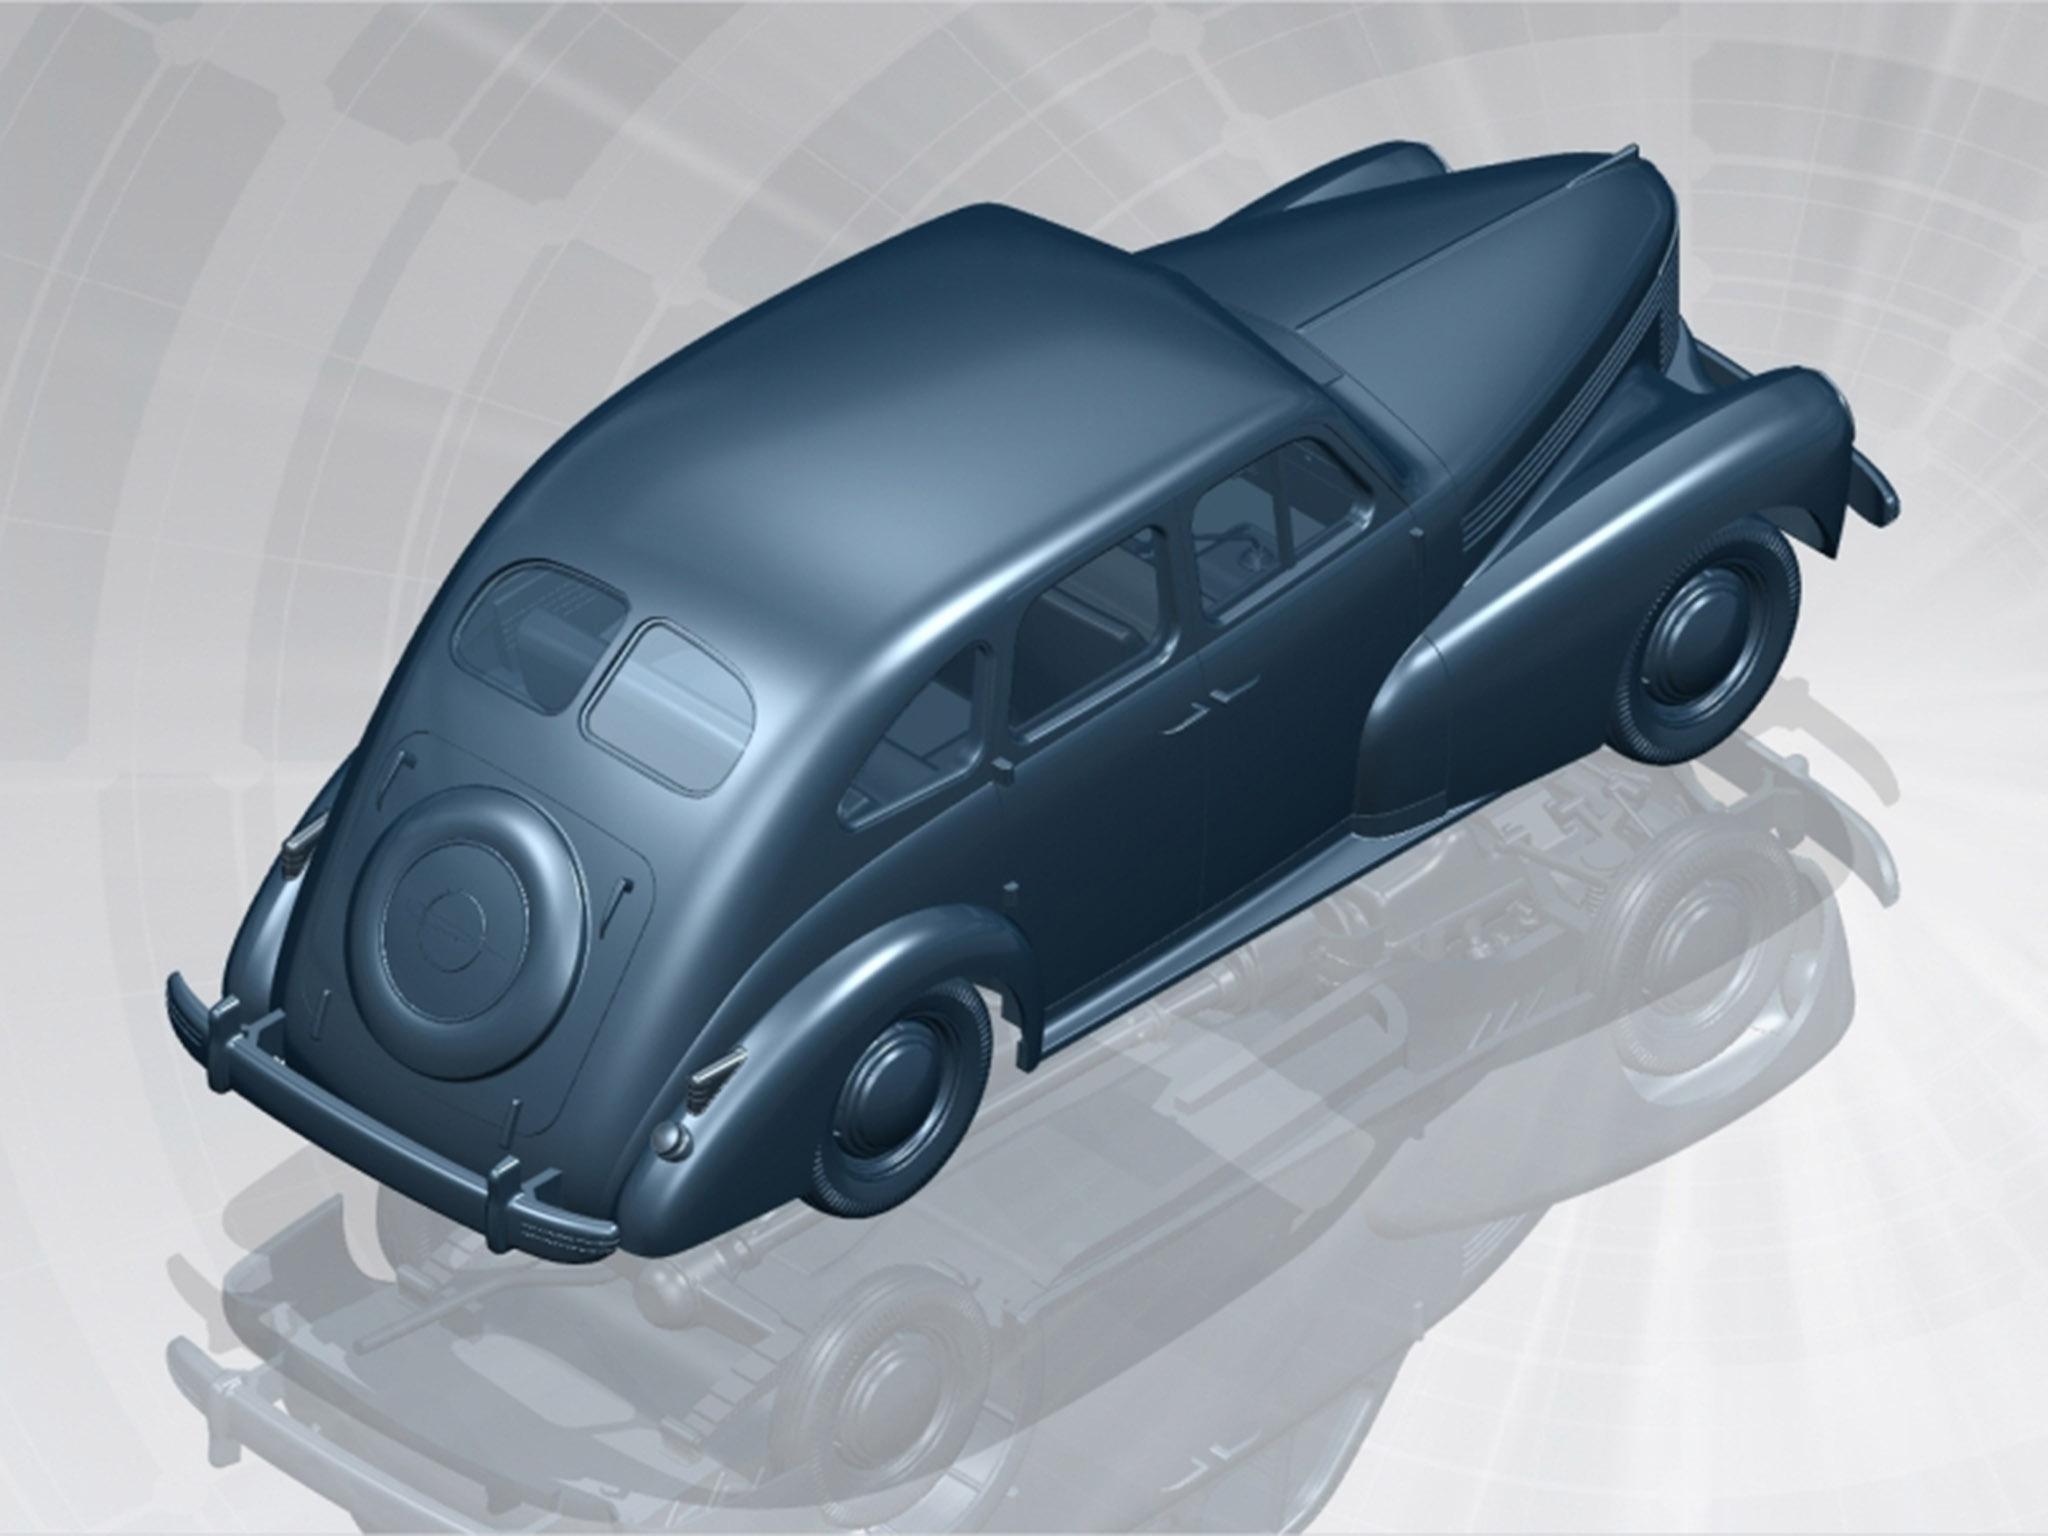 1334214357_opel-kapitan-1-35-sedan-2